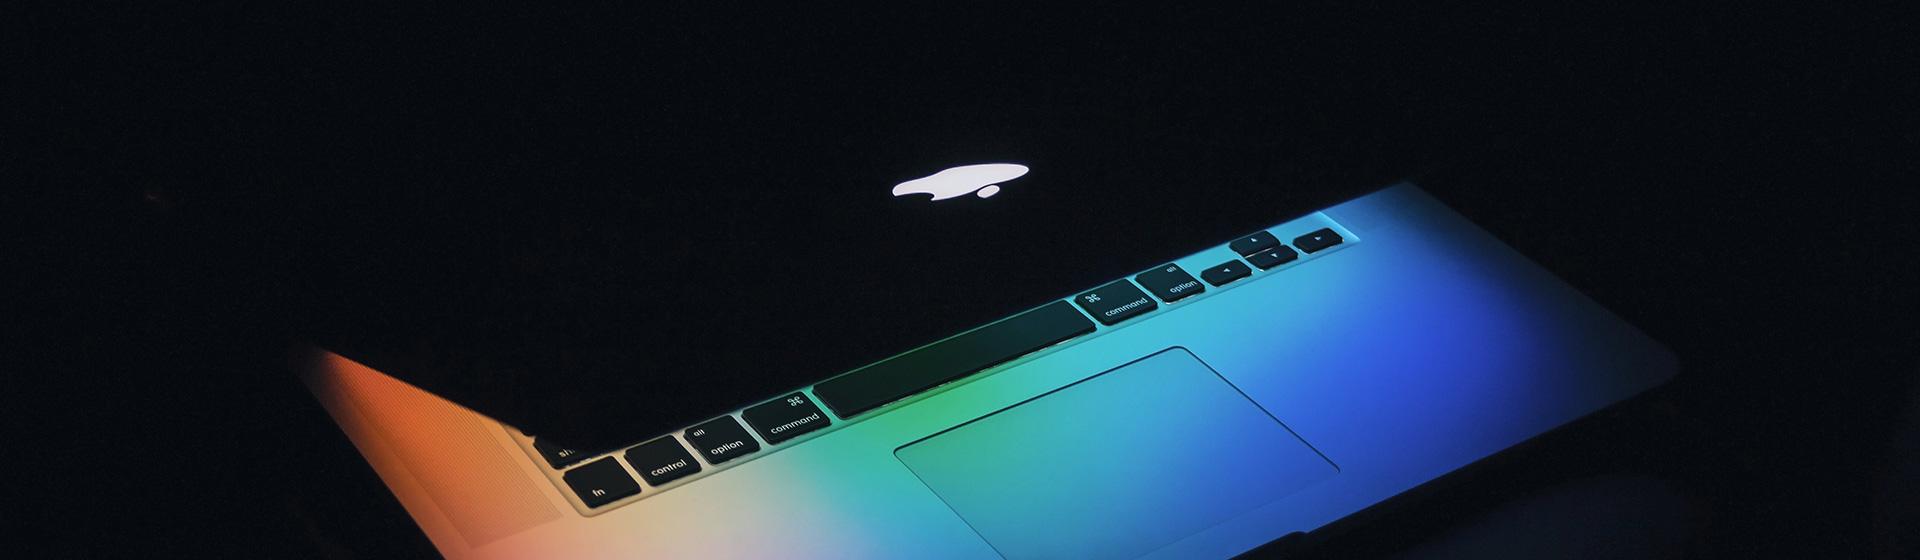 Corsi macOS e corso iOS utente